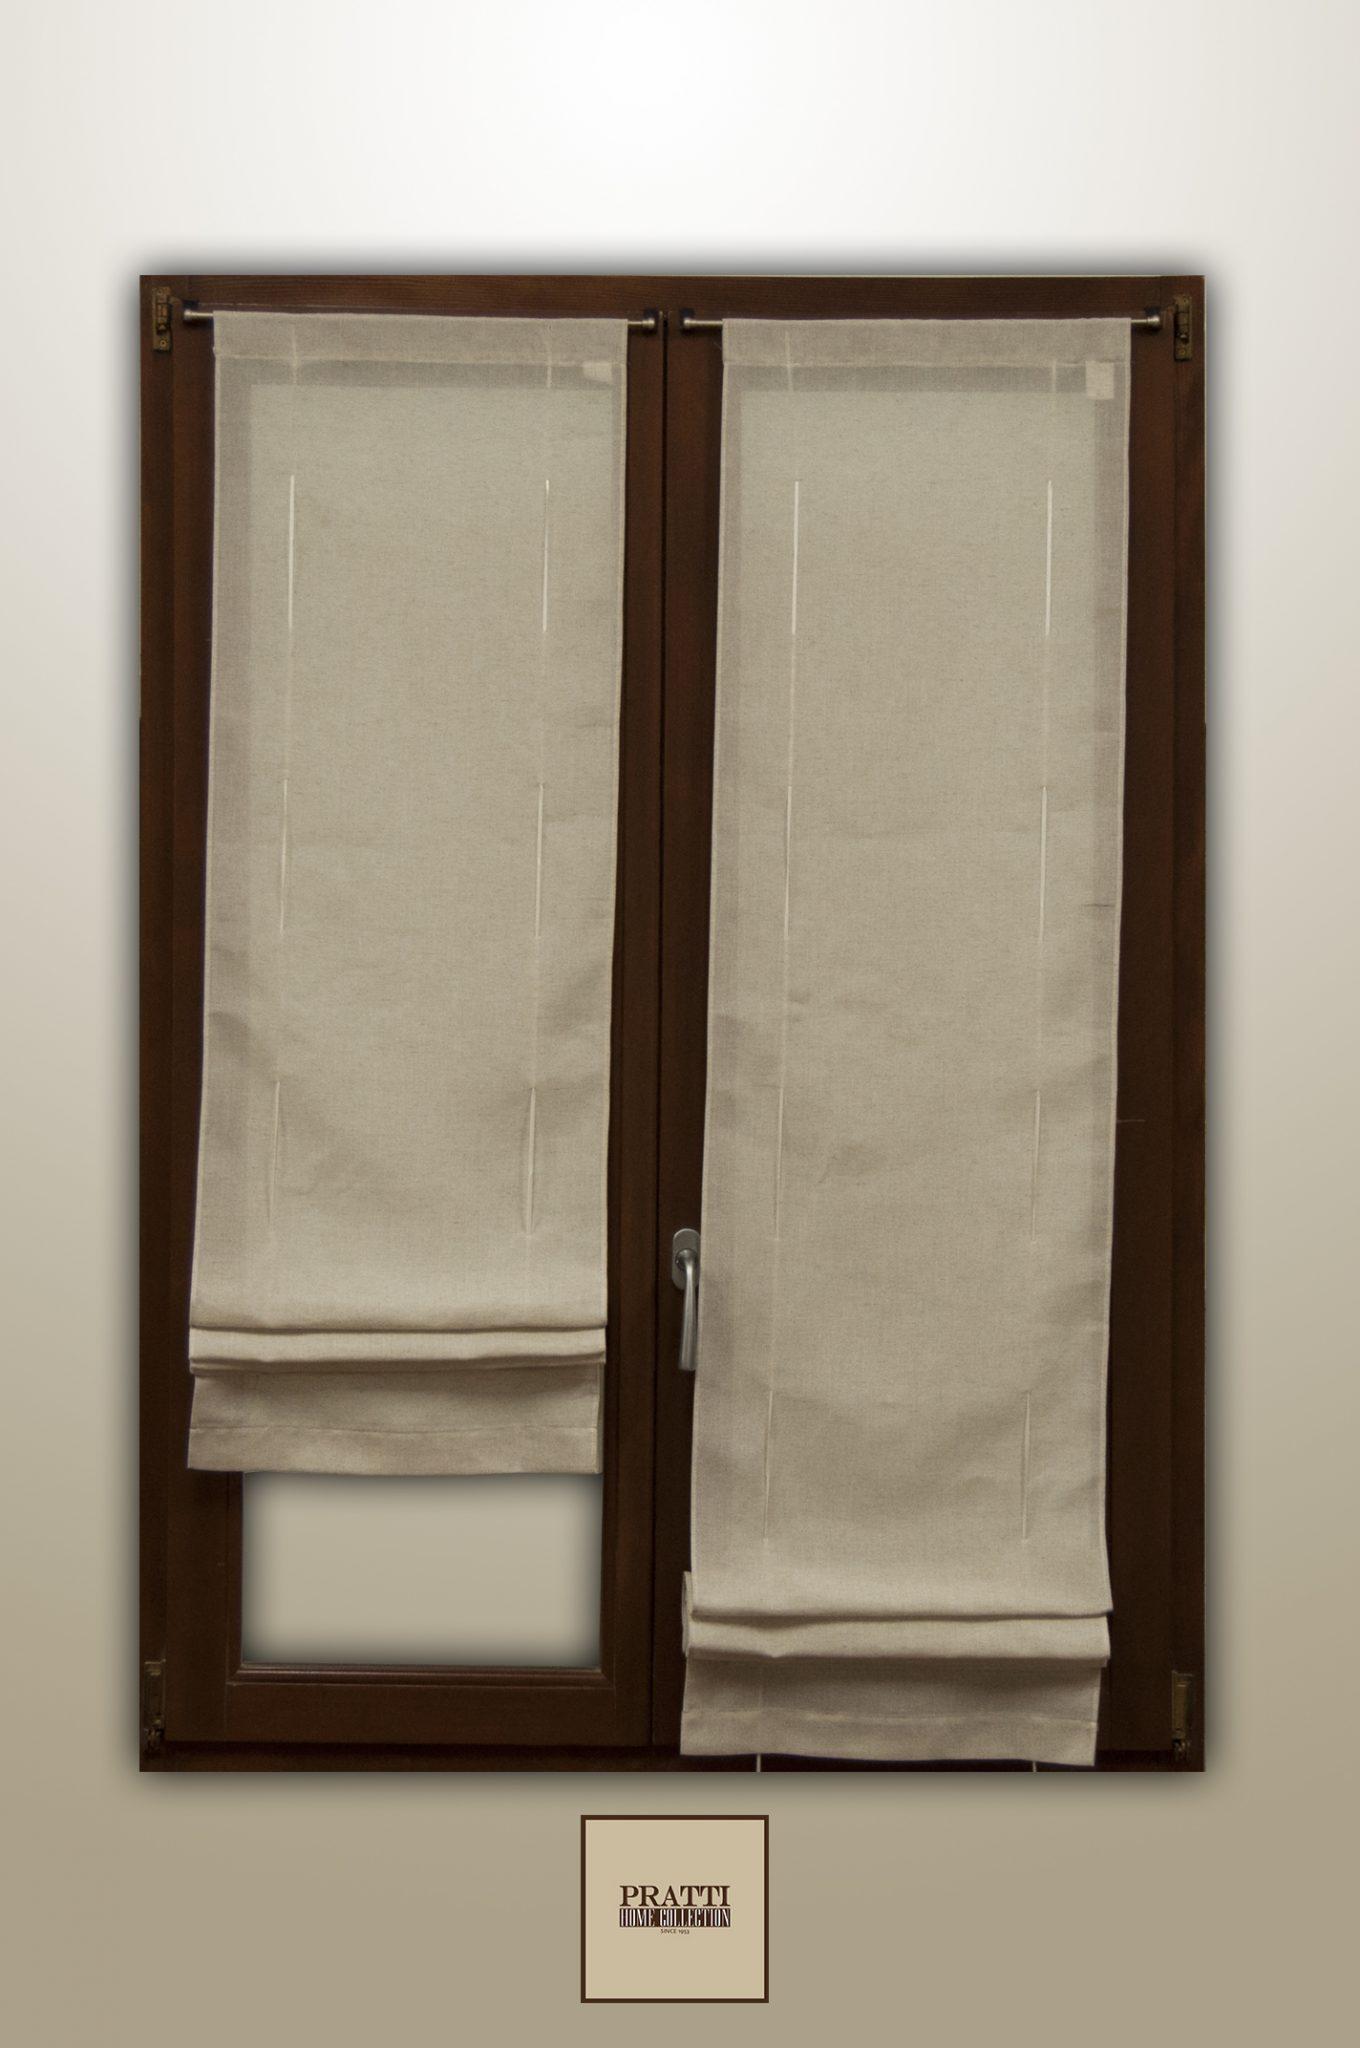 Istruzioni di smontaggio e rimontaggio per lavare una tenda a pacchetto#tende #pacchetti #simostef. Mia Laccetti Tende Pronte Tende A Vetro A Pacchetto Tinta Unita